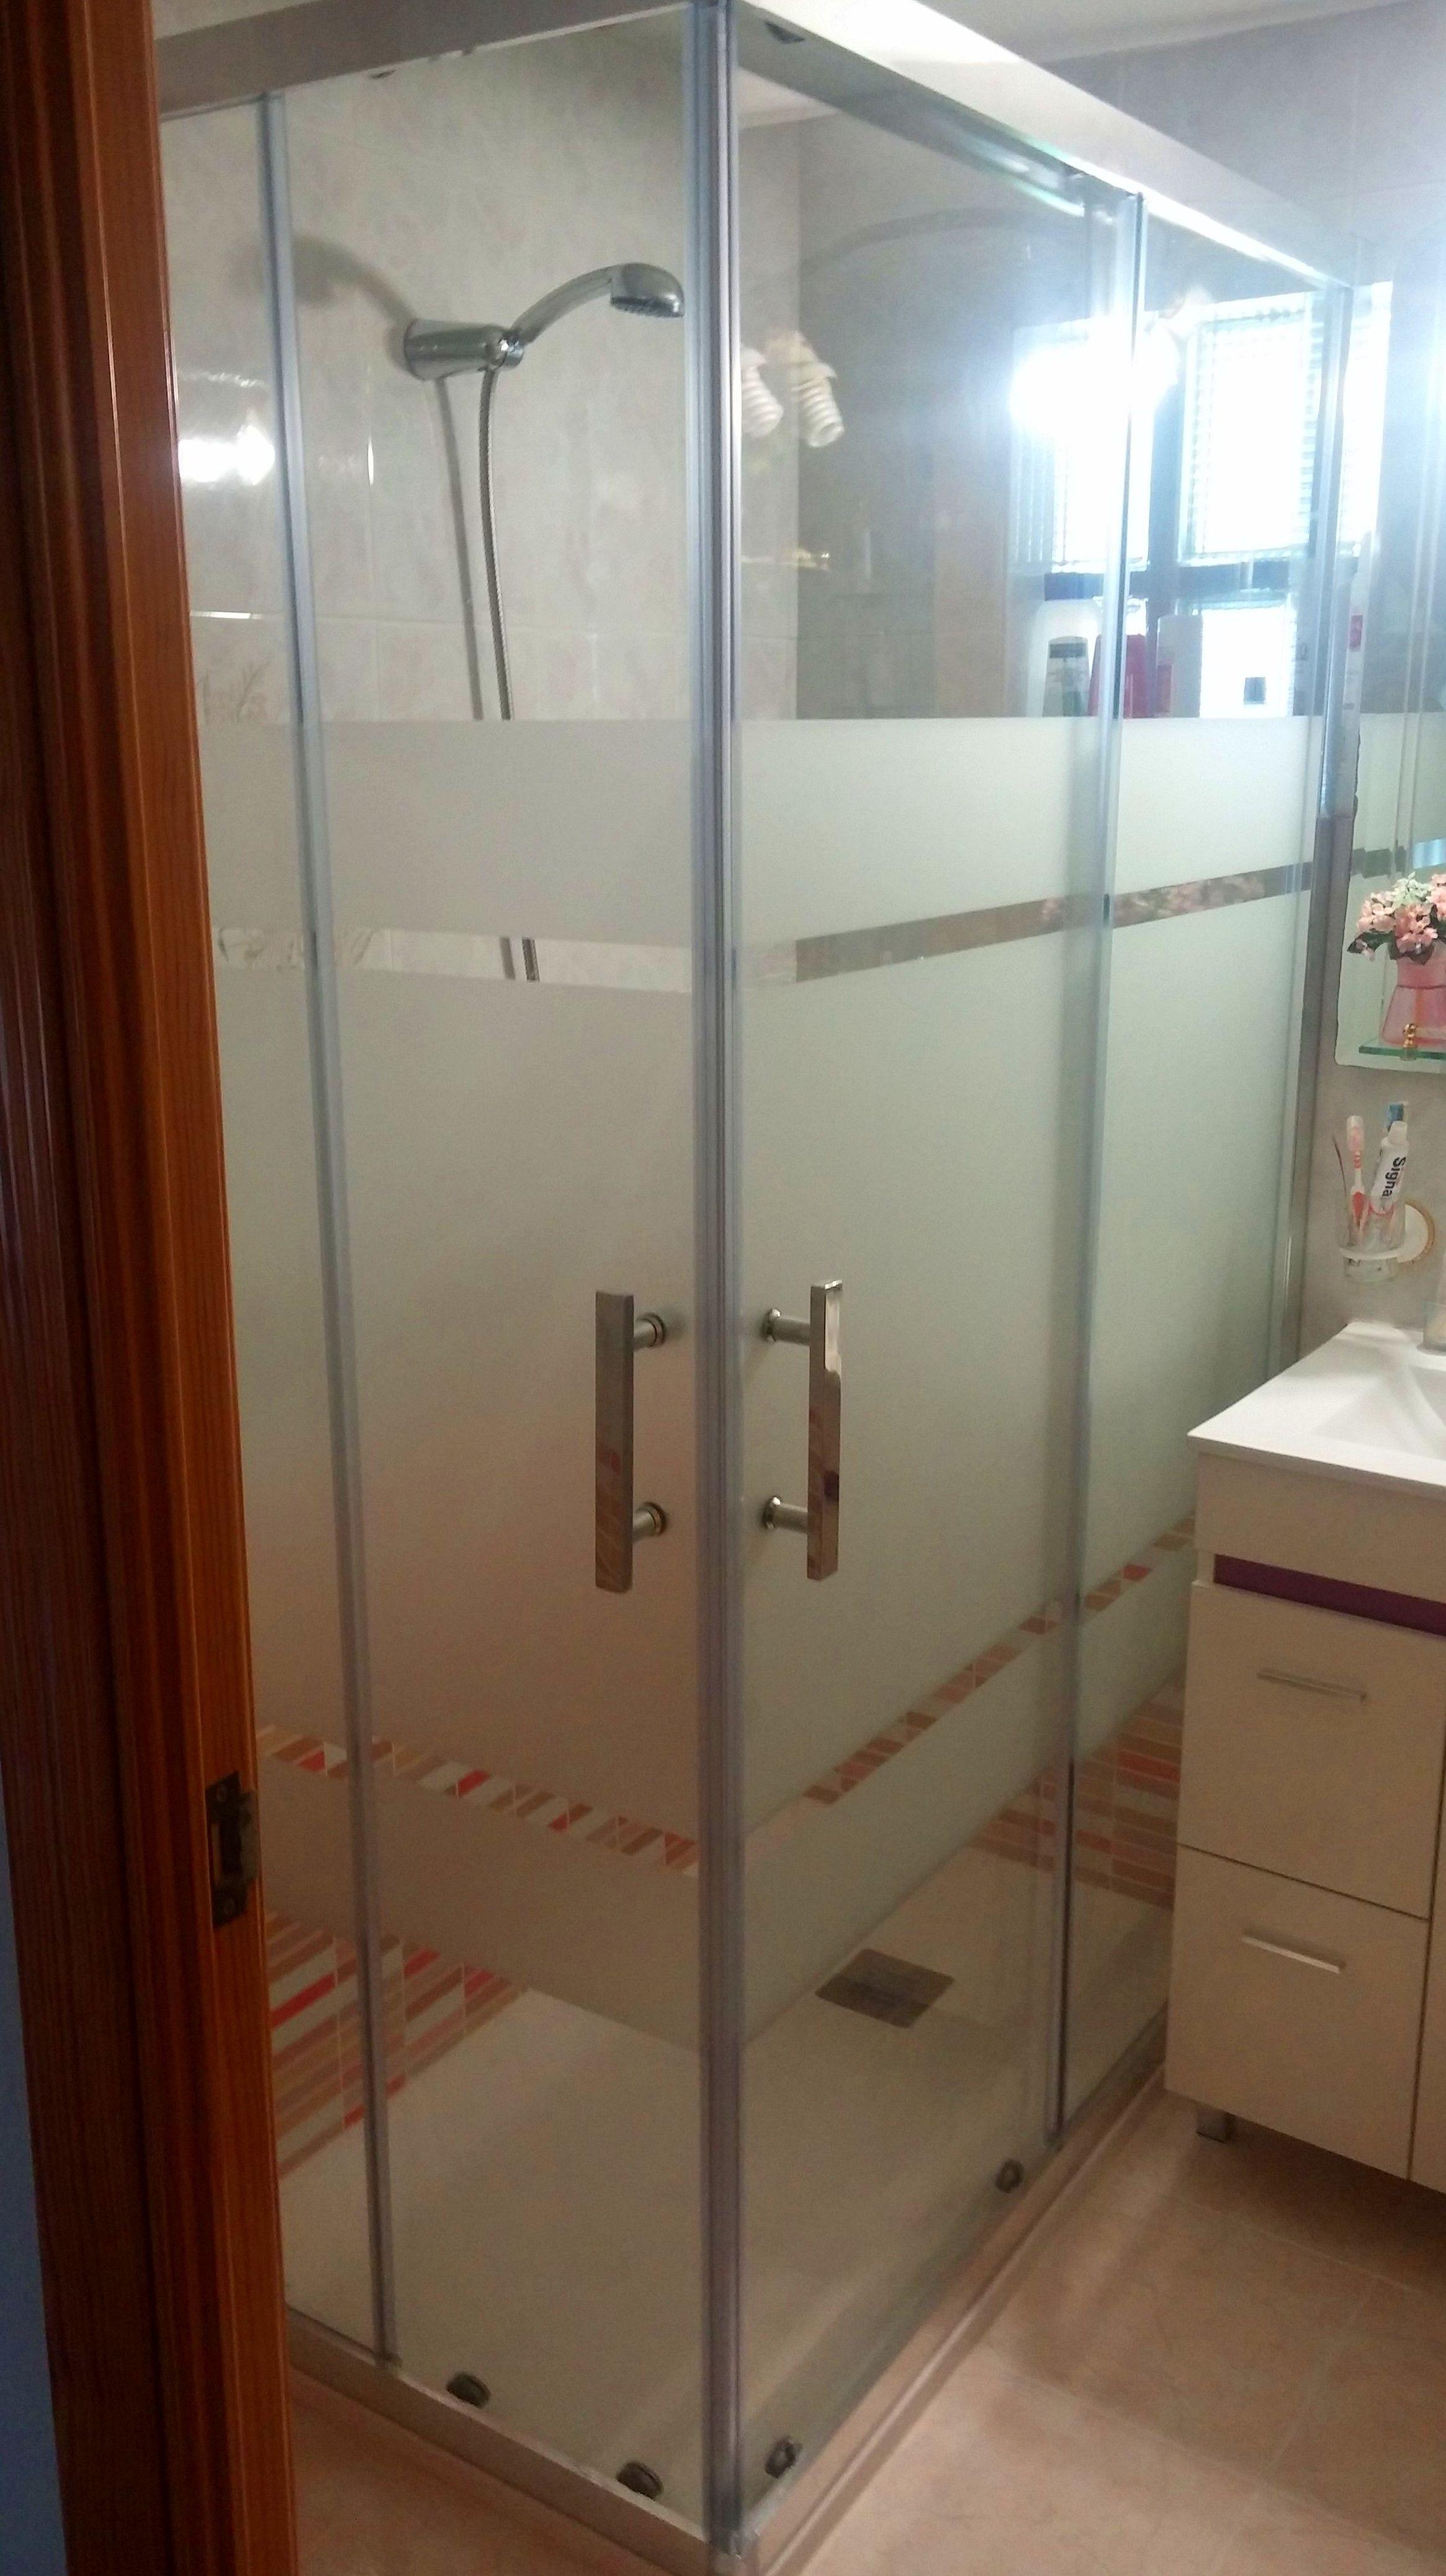 Foto 12 de Muebles de baño y cocina en Móstoles | Resyr, S. L.